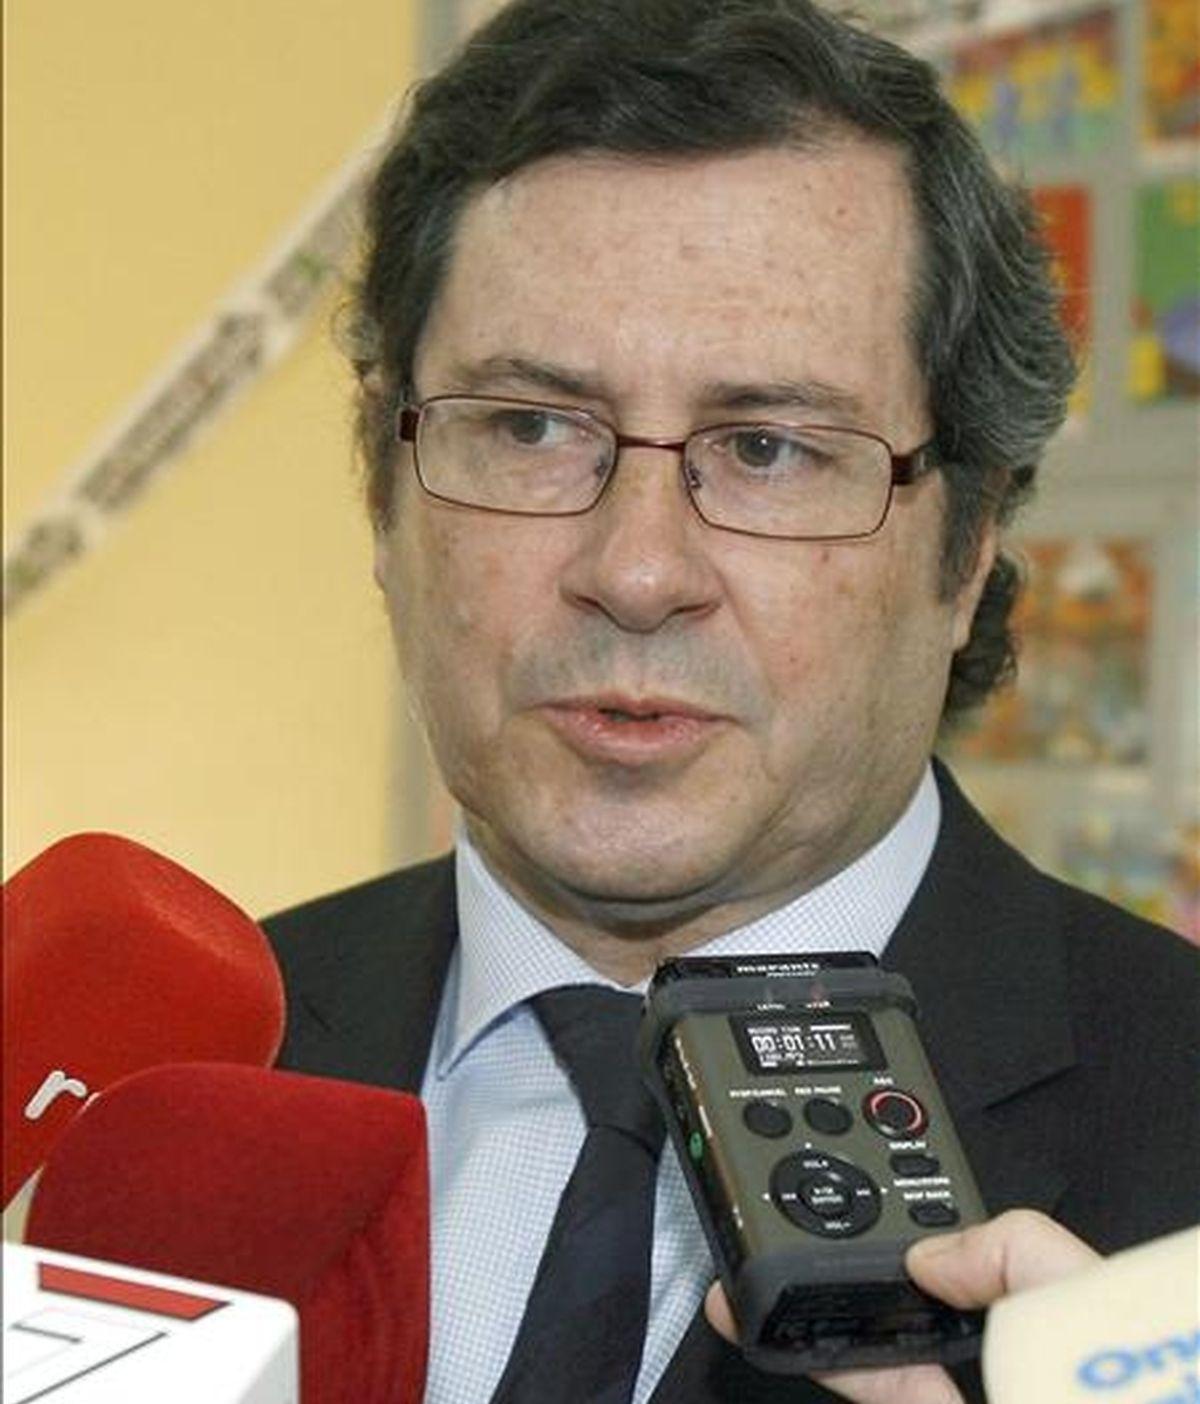 El secretario general de Universidades del Ministerio de Ciencia e Innovación, Marius Rubiralta. EFE/Archivo